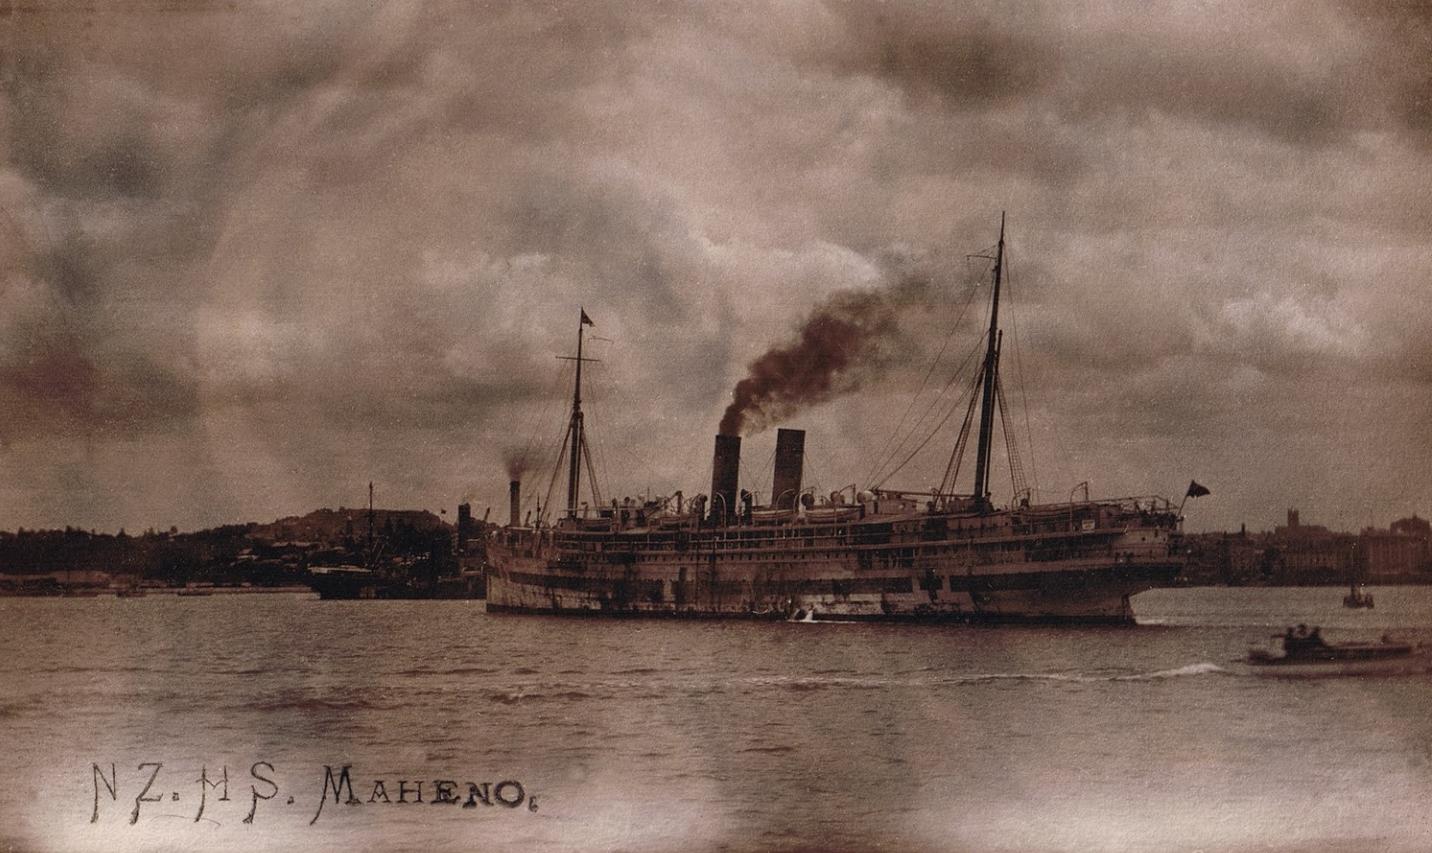 New Zealand Hospital Ship 'Maheno'